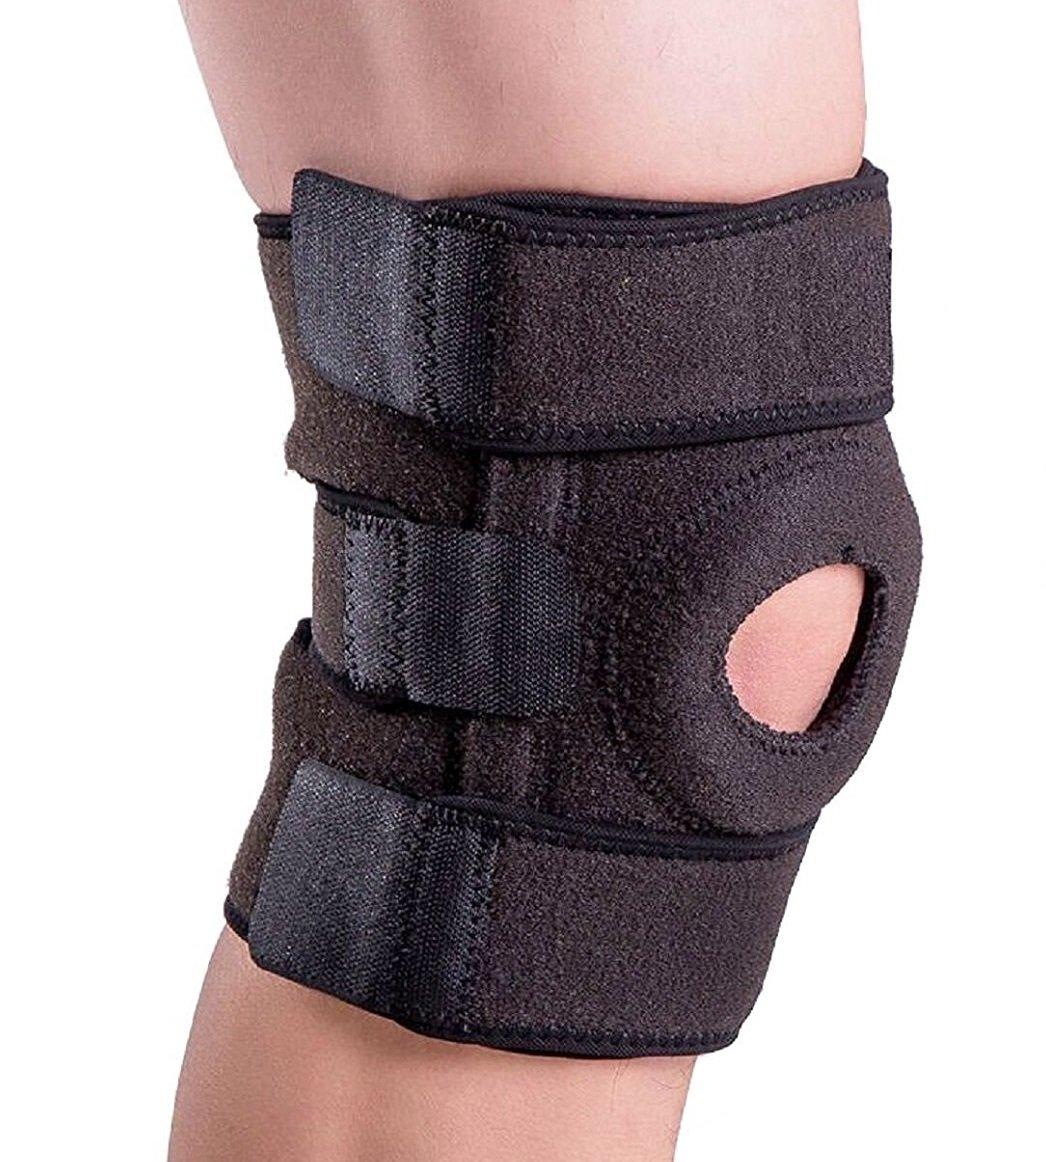 Amotus professionale neoprene ginocchiera completamente regolabile Protector Ginocchio traspirante asciutto, Aperto Patella ginocchiere per sollievo dal dolore da menisco, artrite e ACL, calcio sport